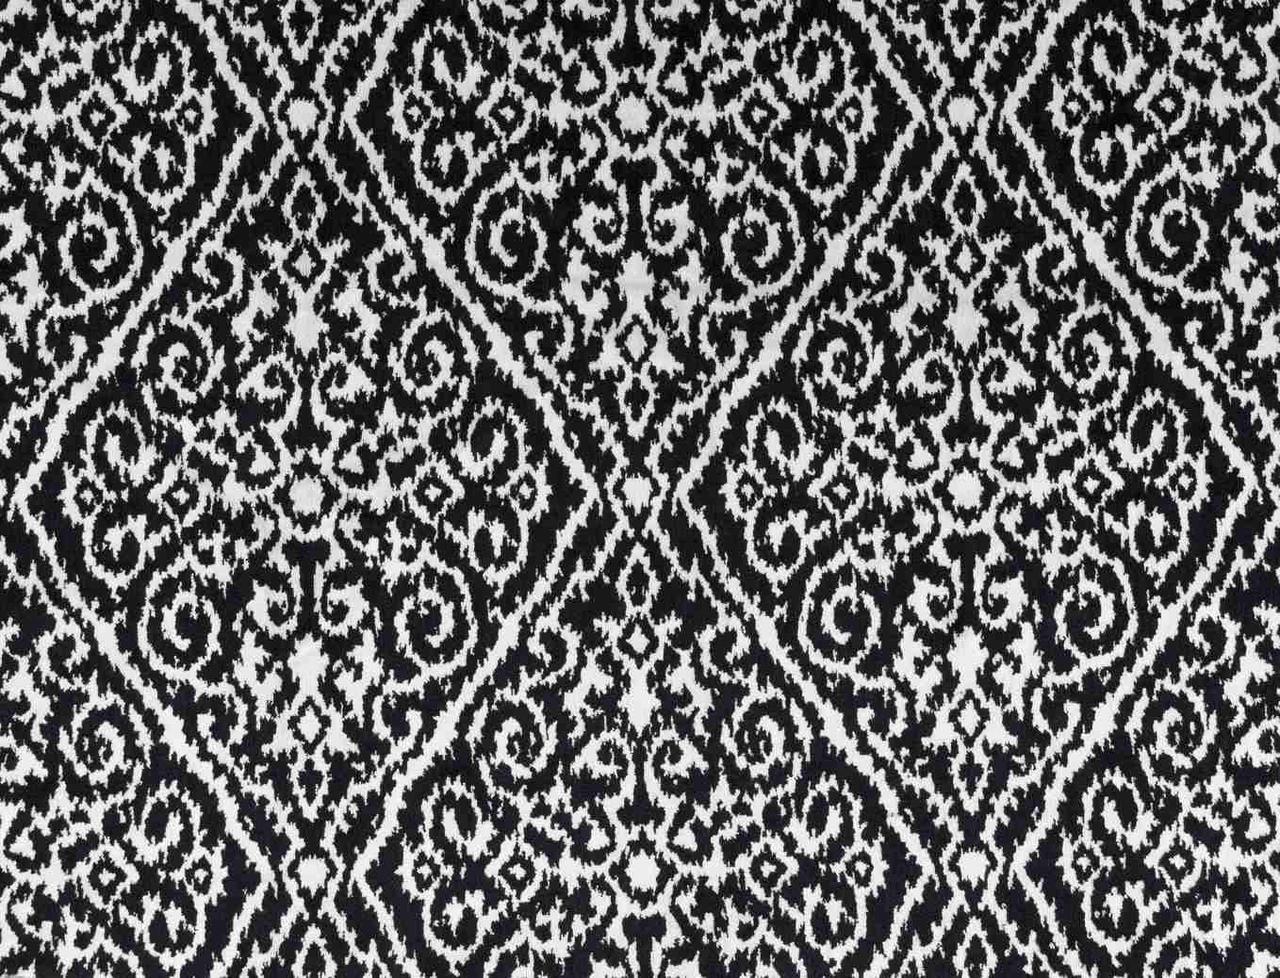 Порт'єрна тканина MARBELLA